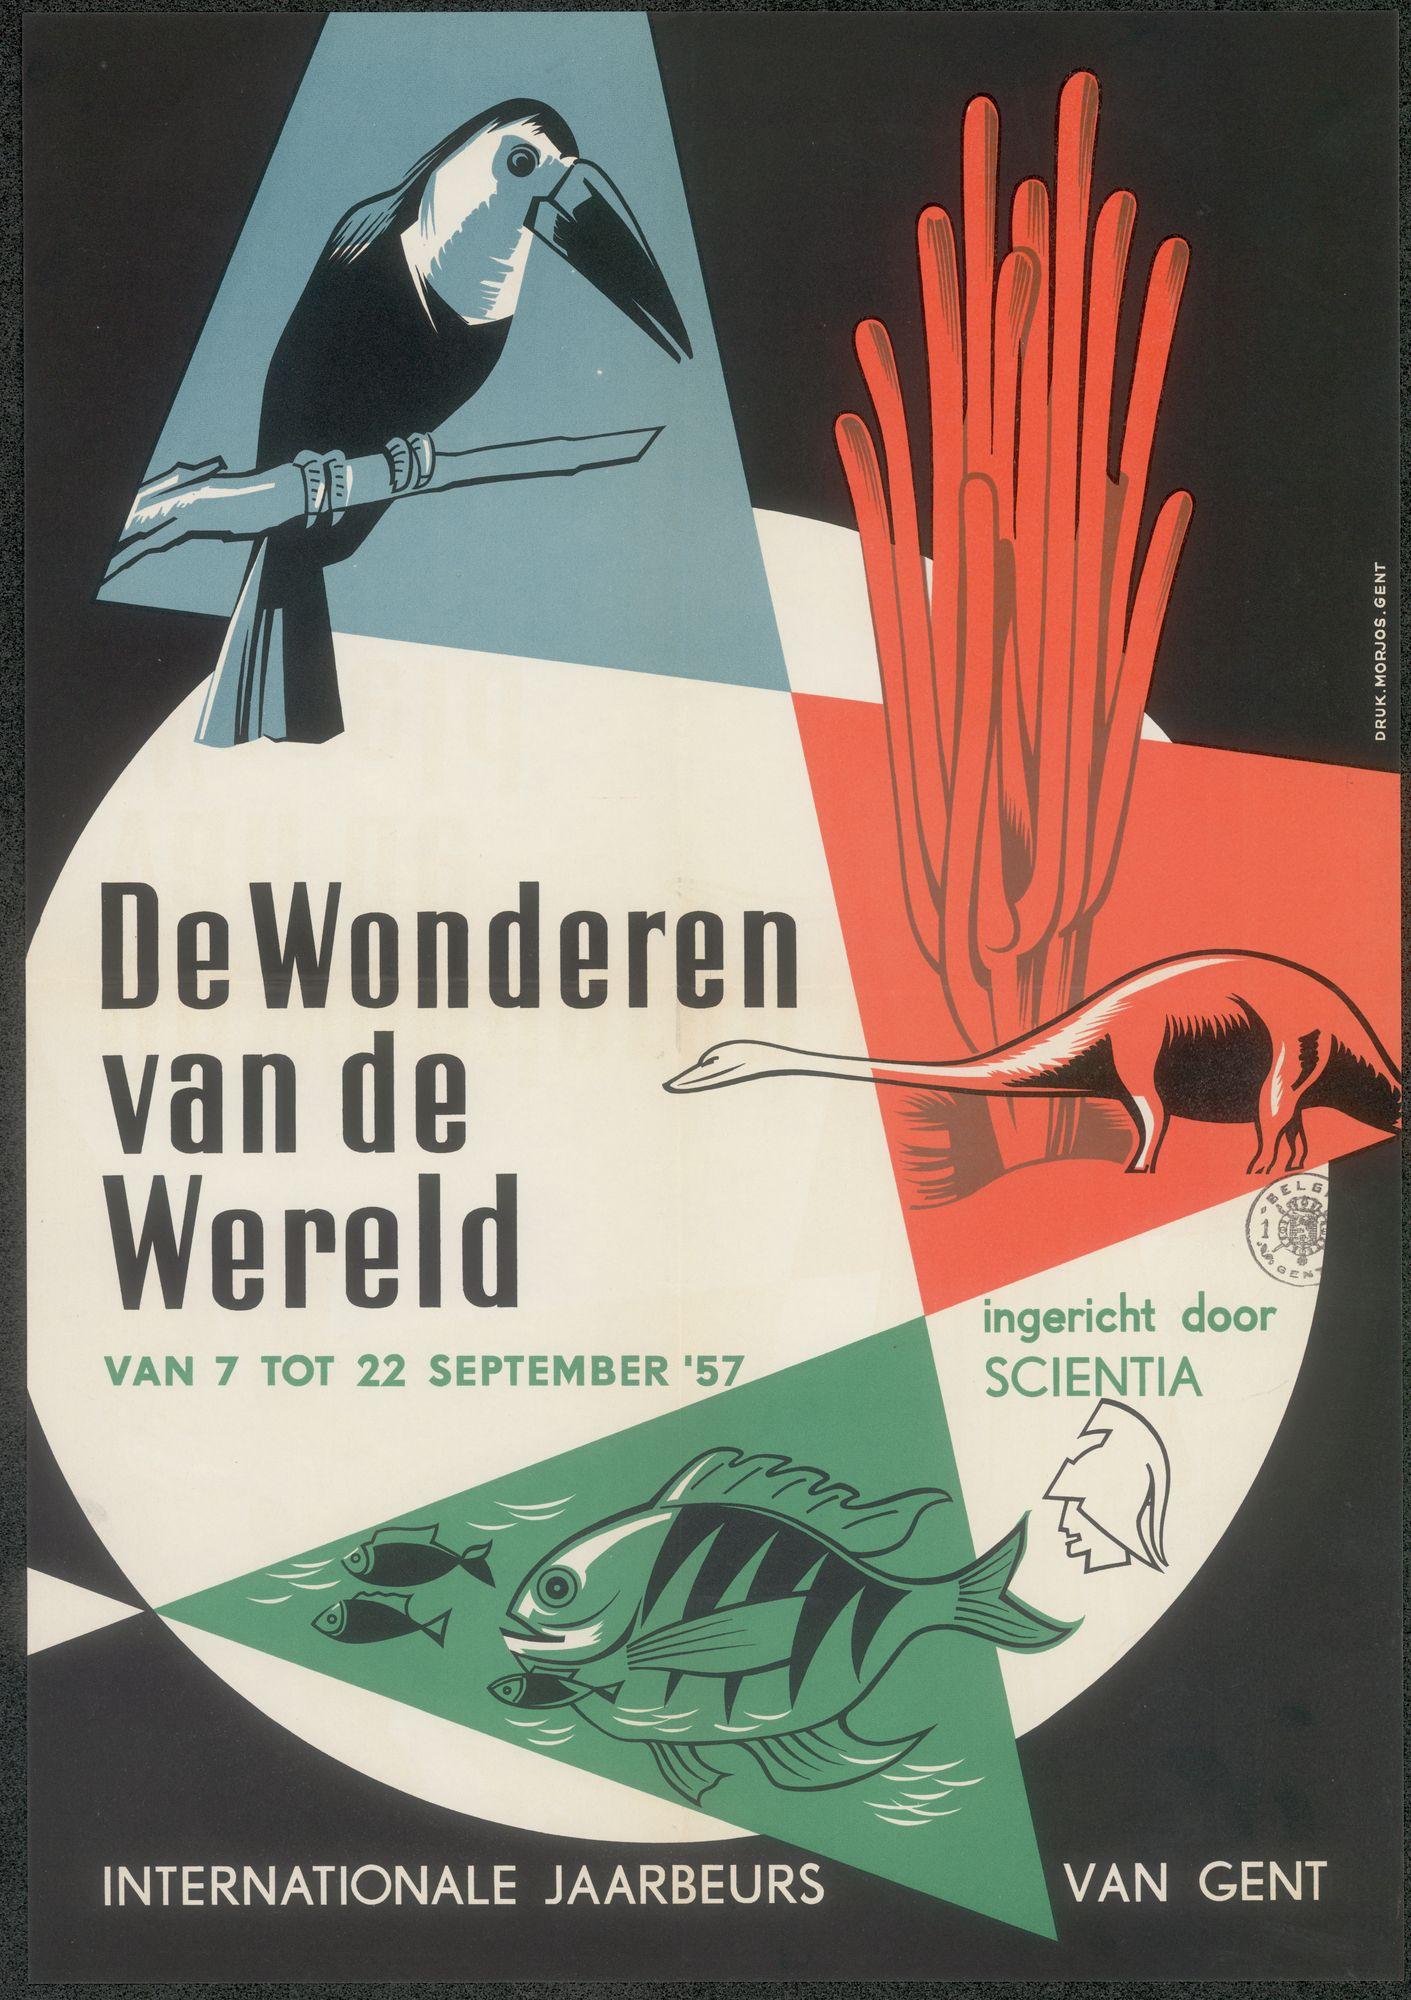 Tentoonstelling De Wonderen van de wereld, ingericht door Scientia, Internationale Jaarbeurs van Gent, Gent, 7 september - 22 september 1957